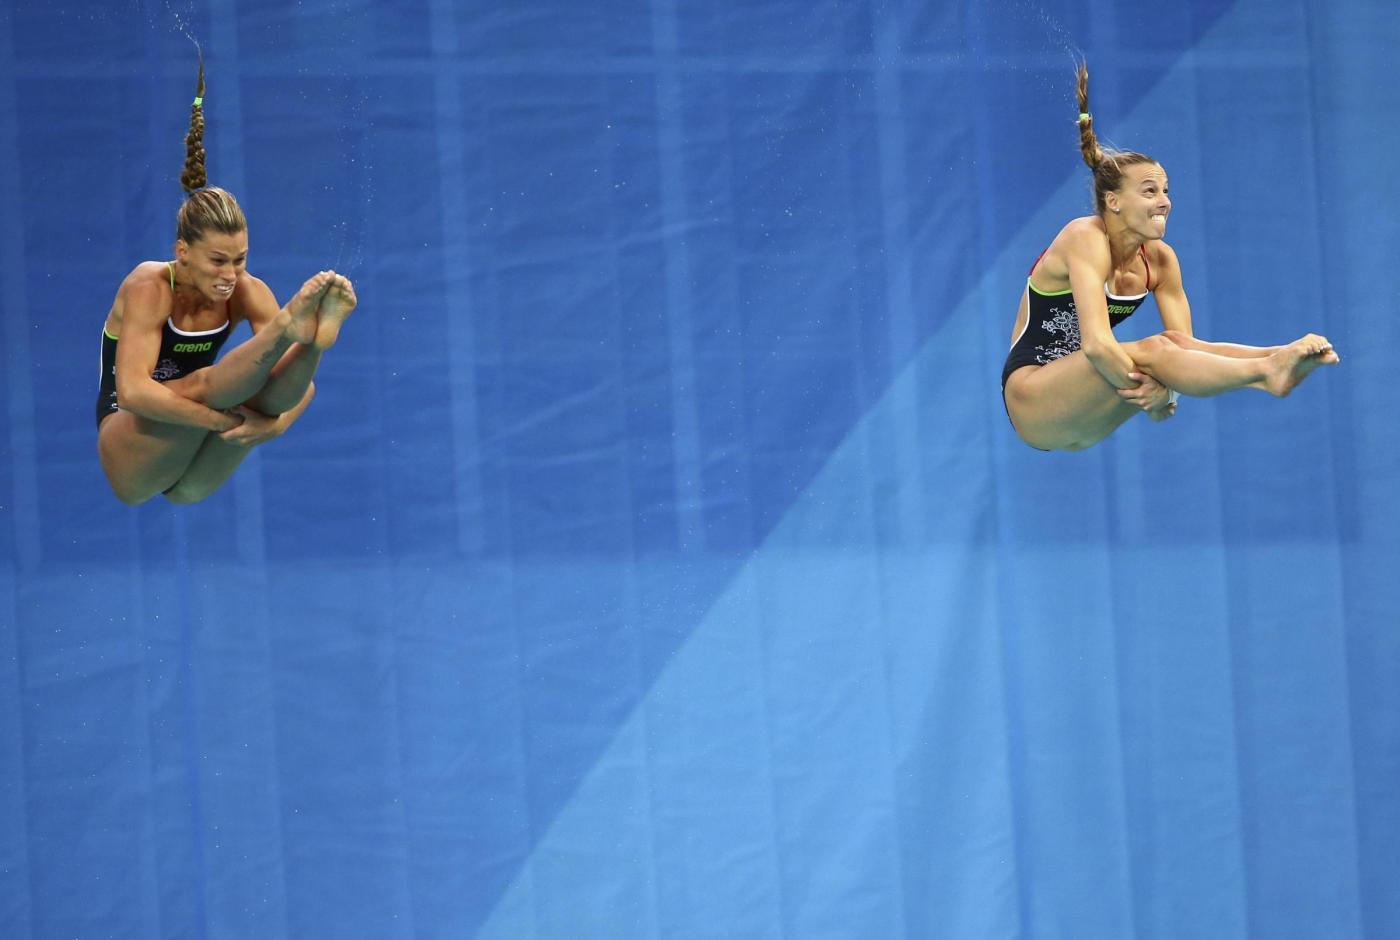 Olimpiadi 2016: Cagnotto-Dallapé argento nei tuffi sincro da 3 metri